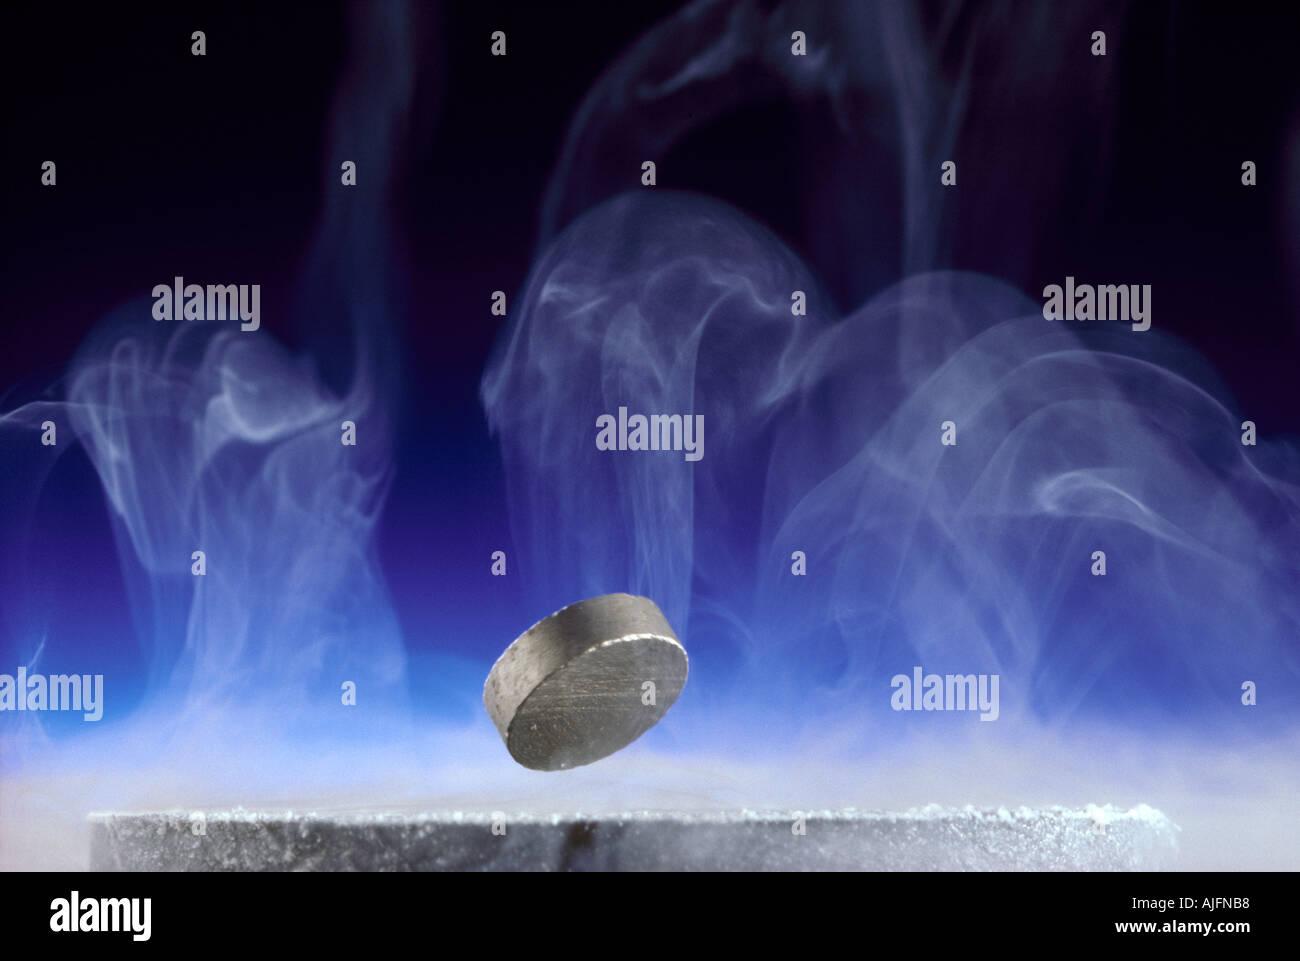 Superconducting Yttruim Barium Copper Oxide Composite Levitating Samarium Cobalt Magnet & Illustrating the Meissner Effect - Stock Image